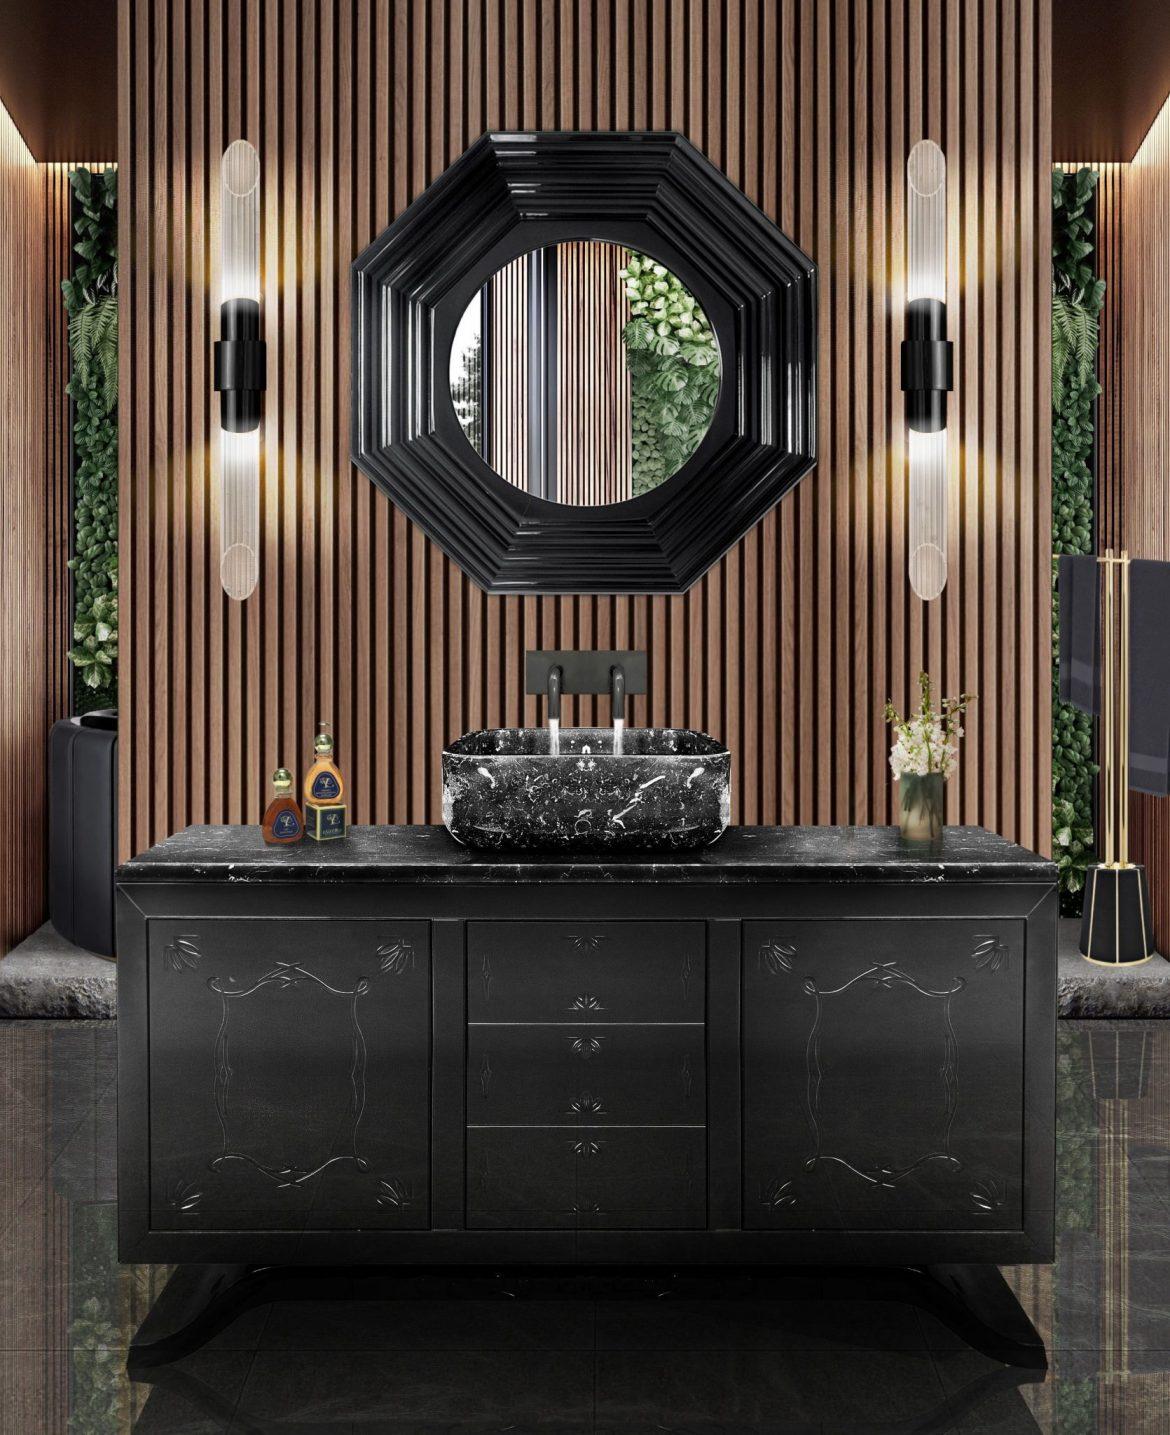 Marvelous Marble Bathrooms Ideas marble bathrooms Marvelous Marble Bathrooms Ideas 4 37